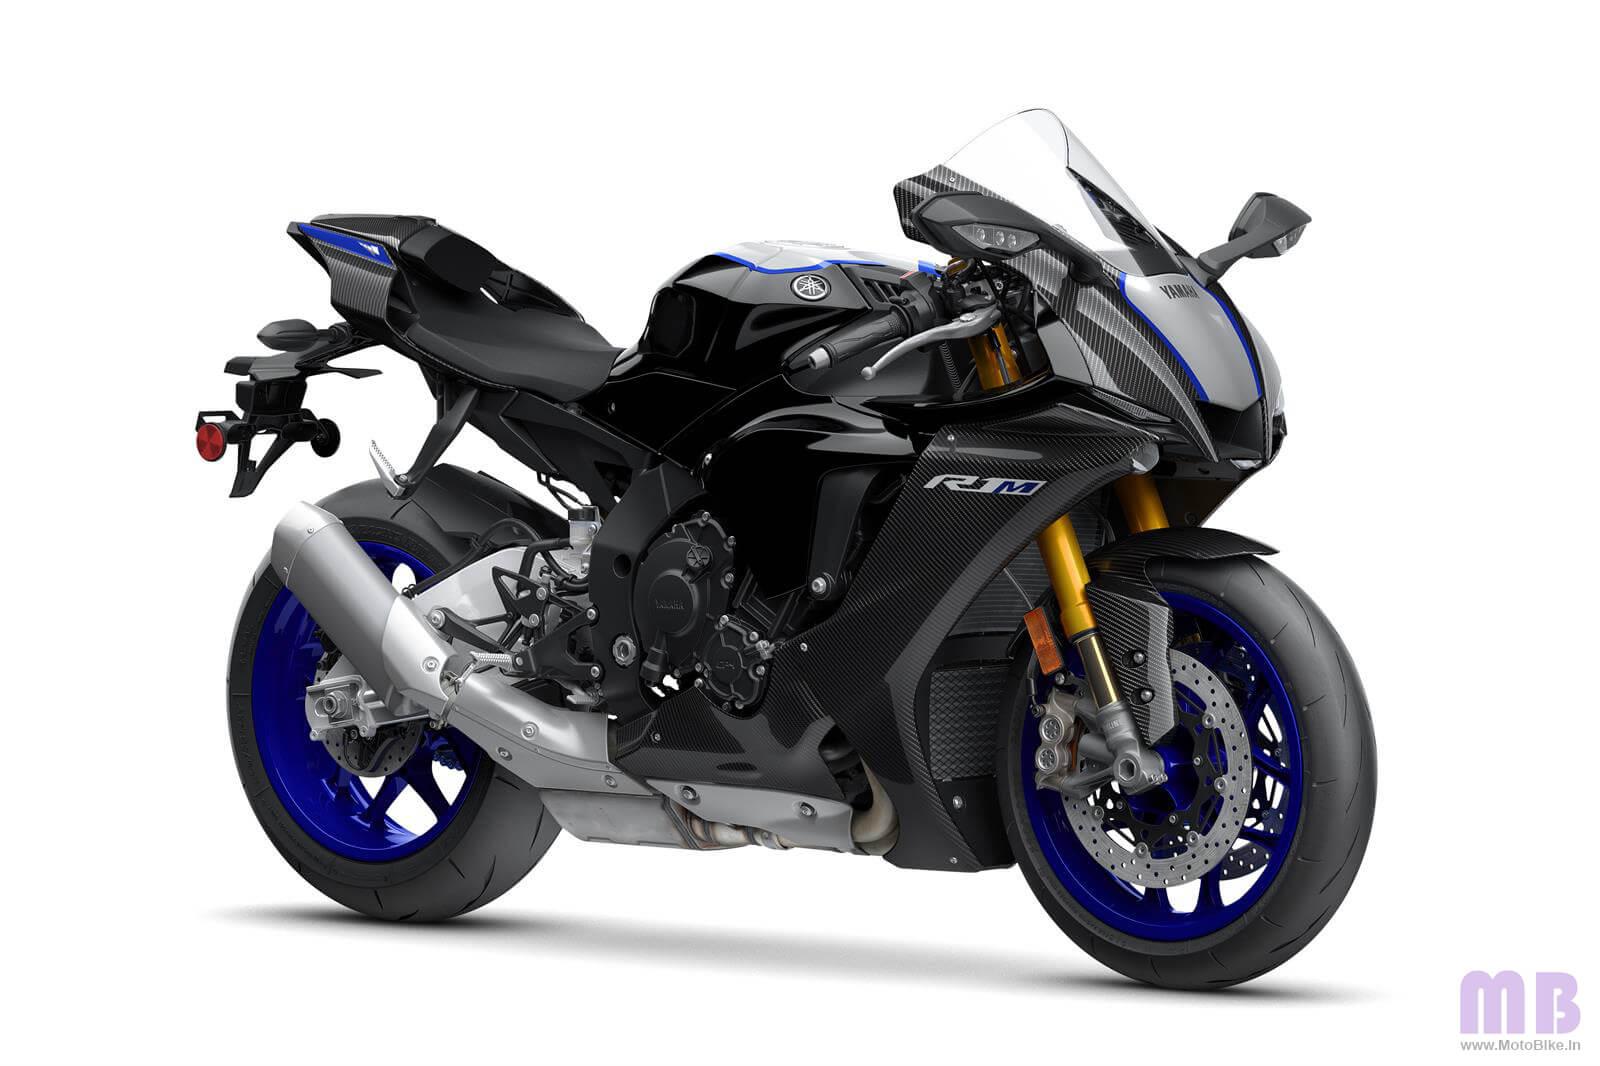 Yamaha R1M Black